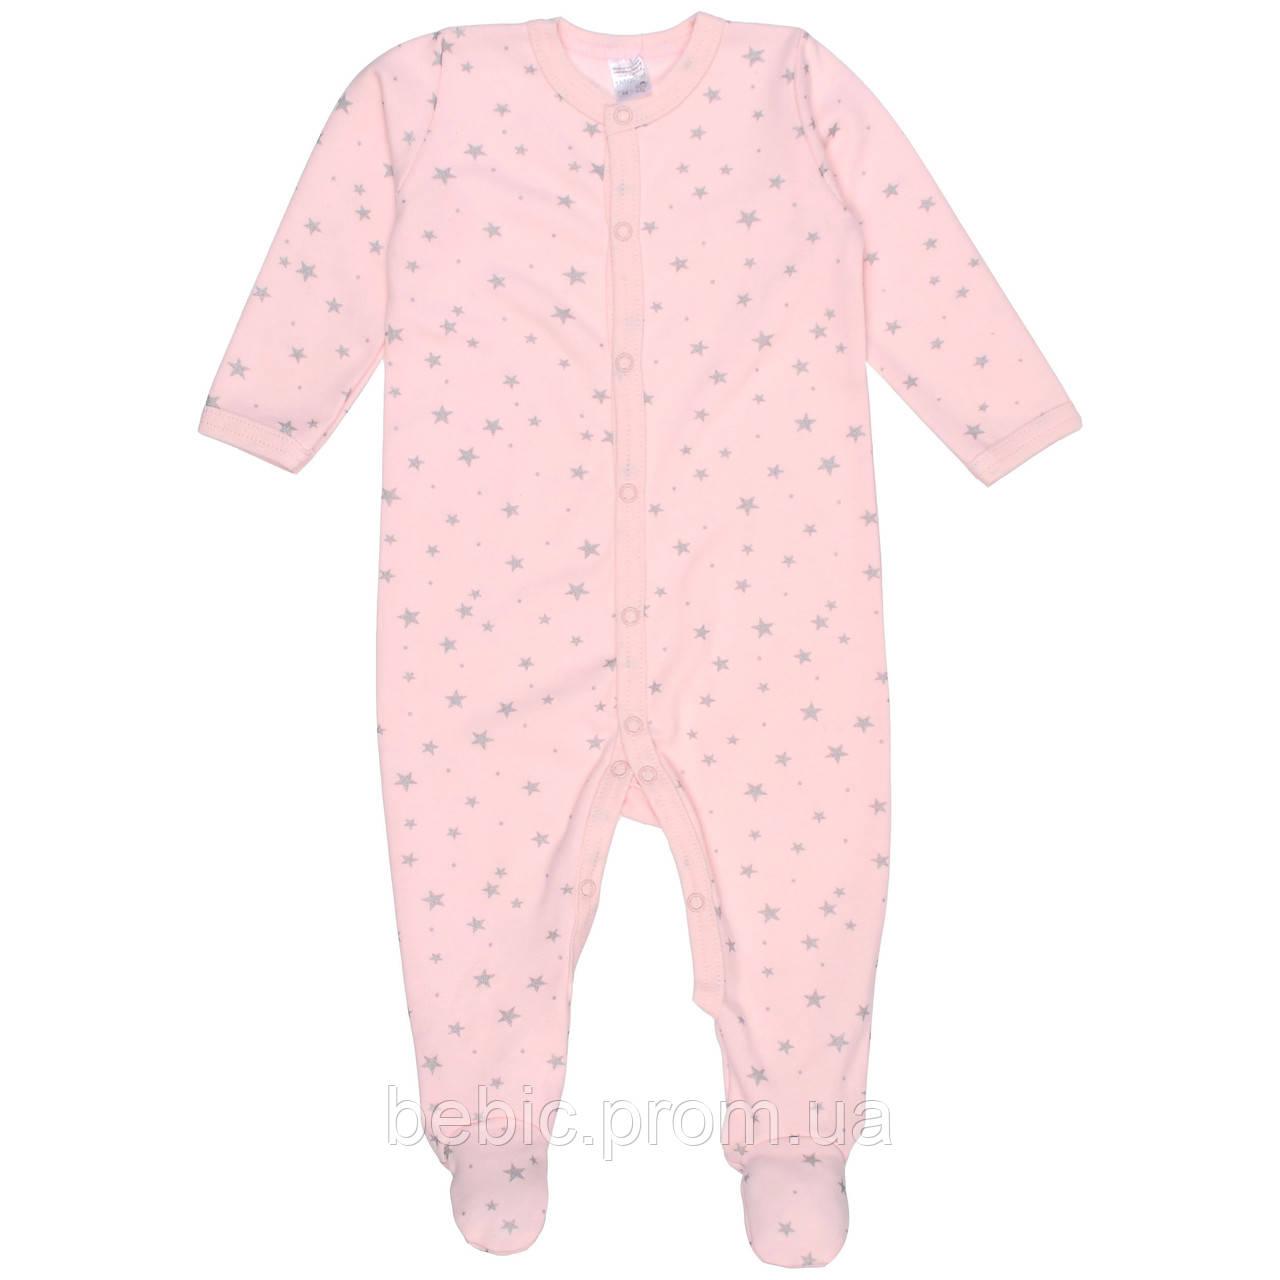 Комбинезон Интерлок 100% хлопок розовый с звездами Рост:74 см